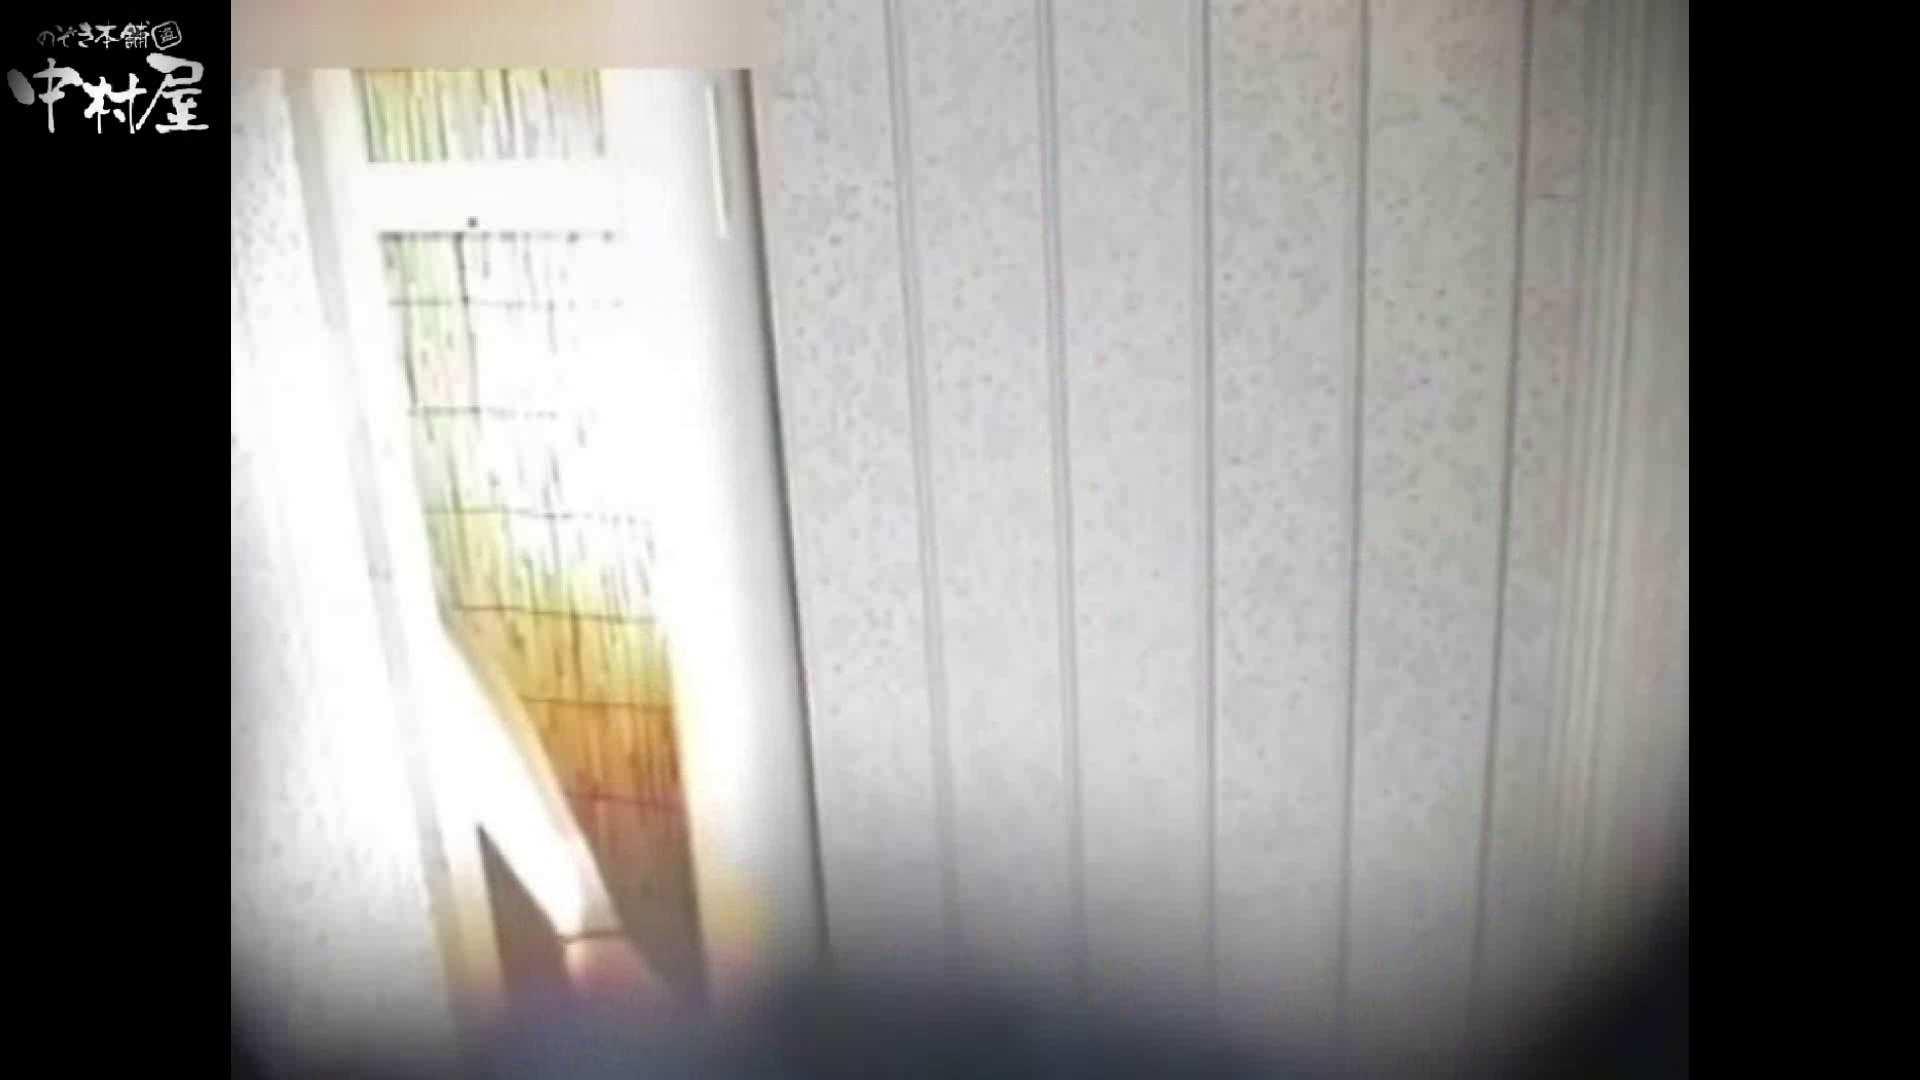 解禁!海の家4カメ洗面所vol.70 エロギャル   人気シリーズ  74画像 16